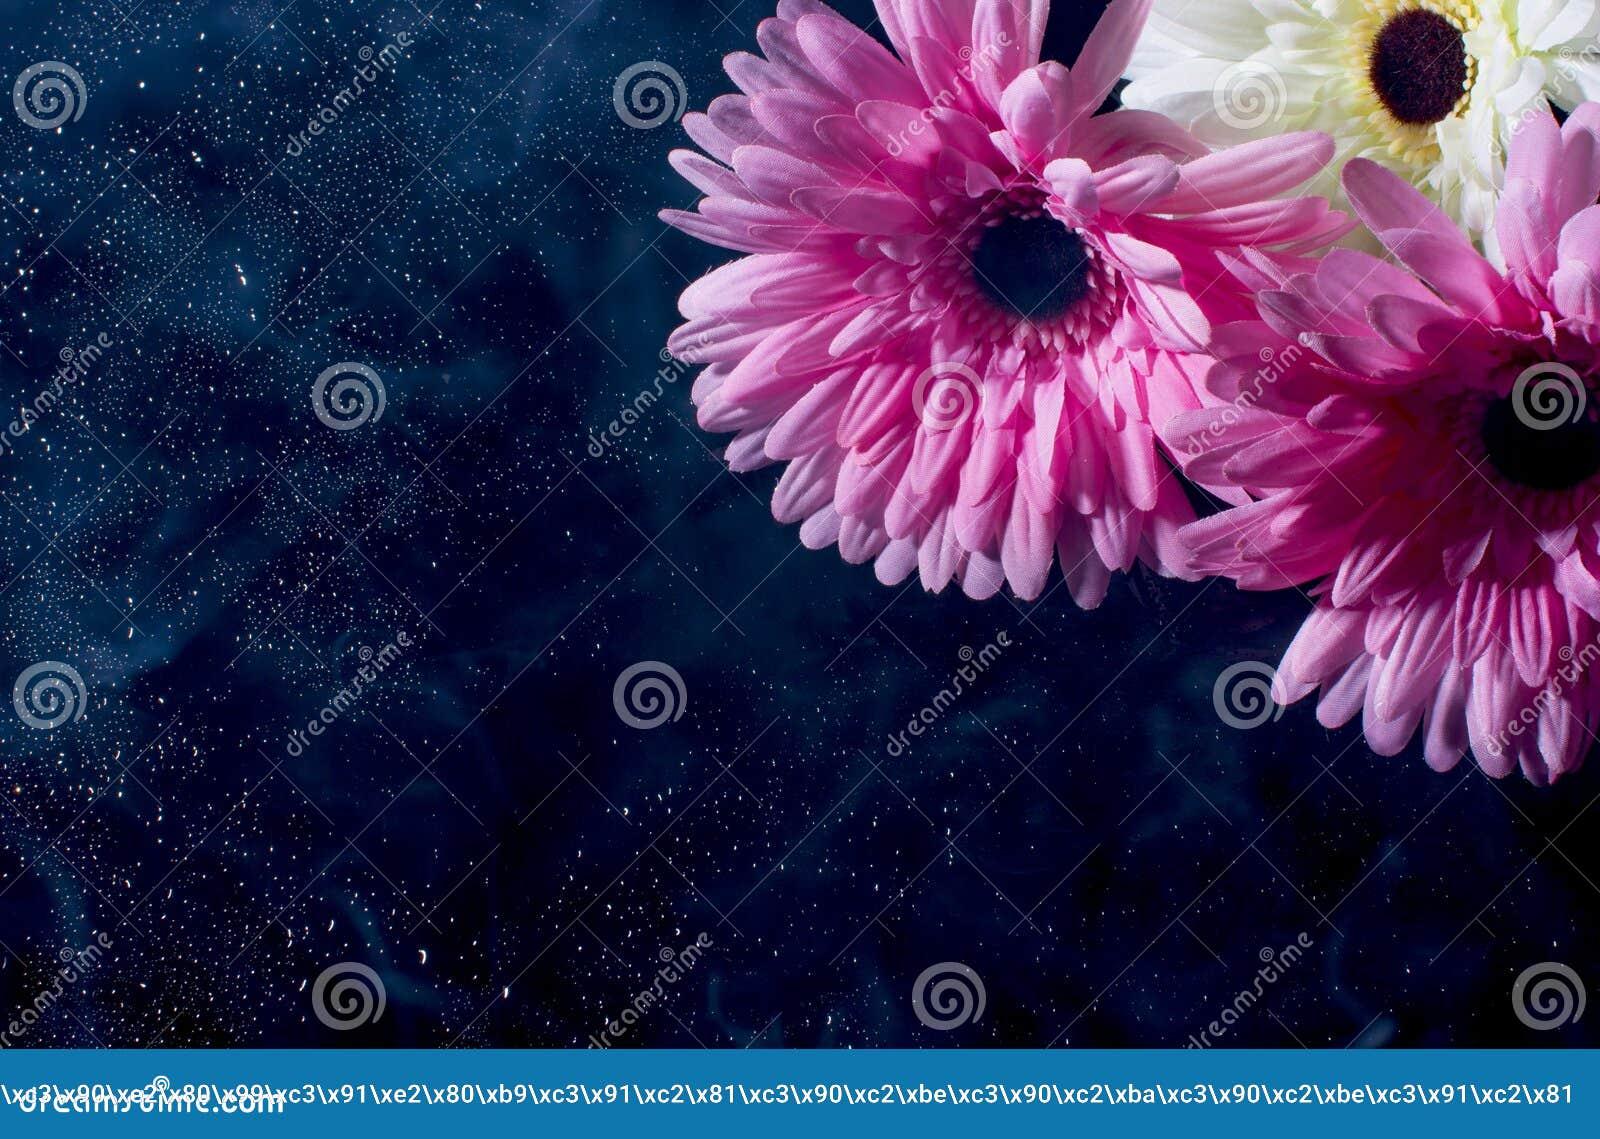 Rosa Gerbera auf einem schwarzen Hintergrund mit Wassertropfen